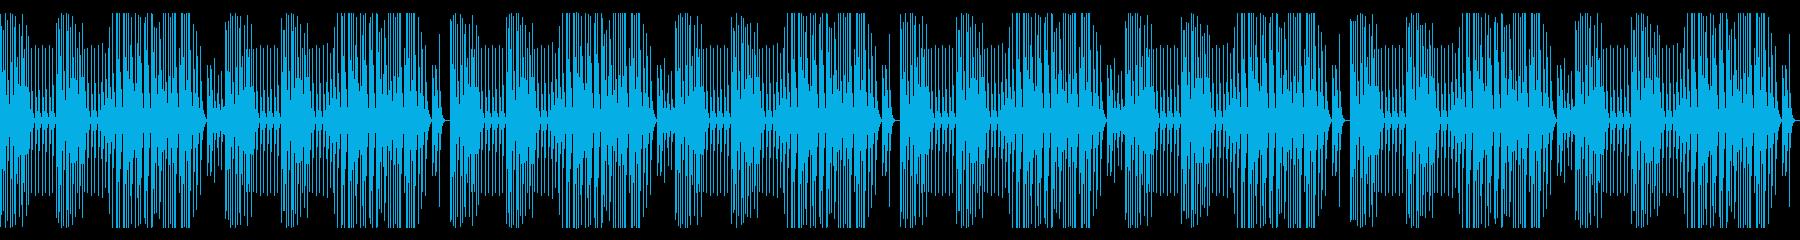 ほのぼの 日常 配信 カリンバの再生済みの波形